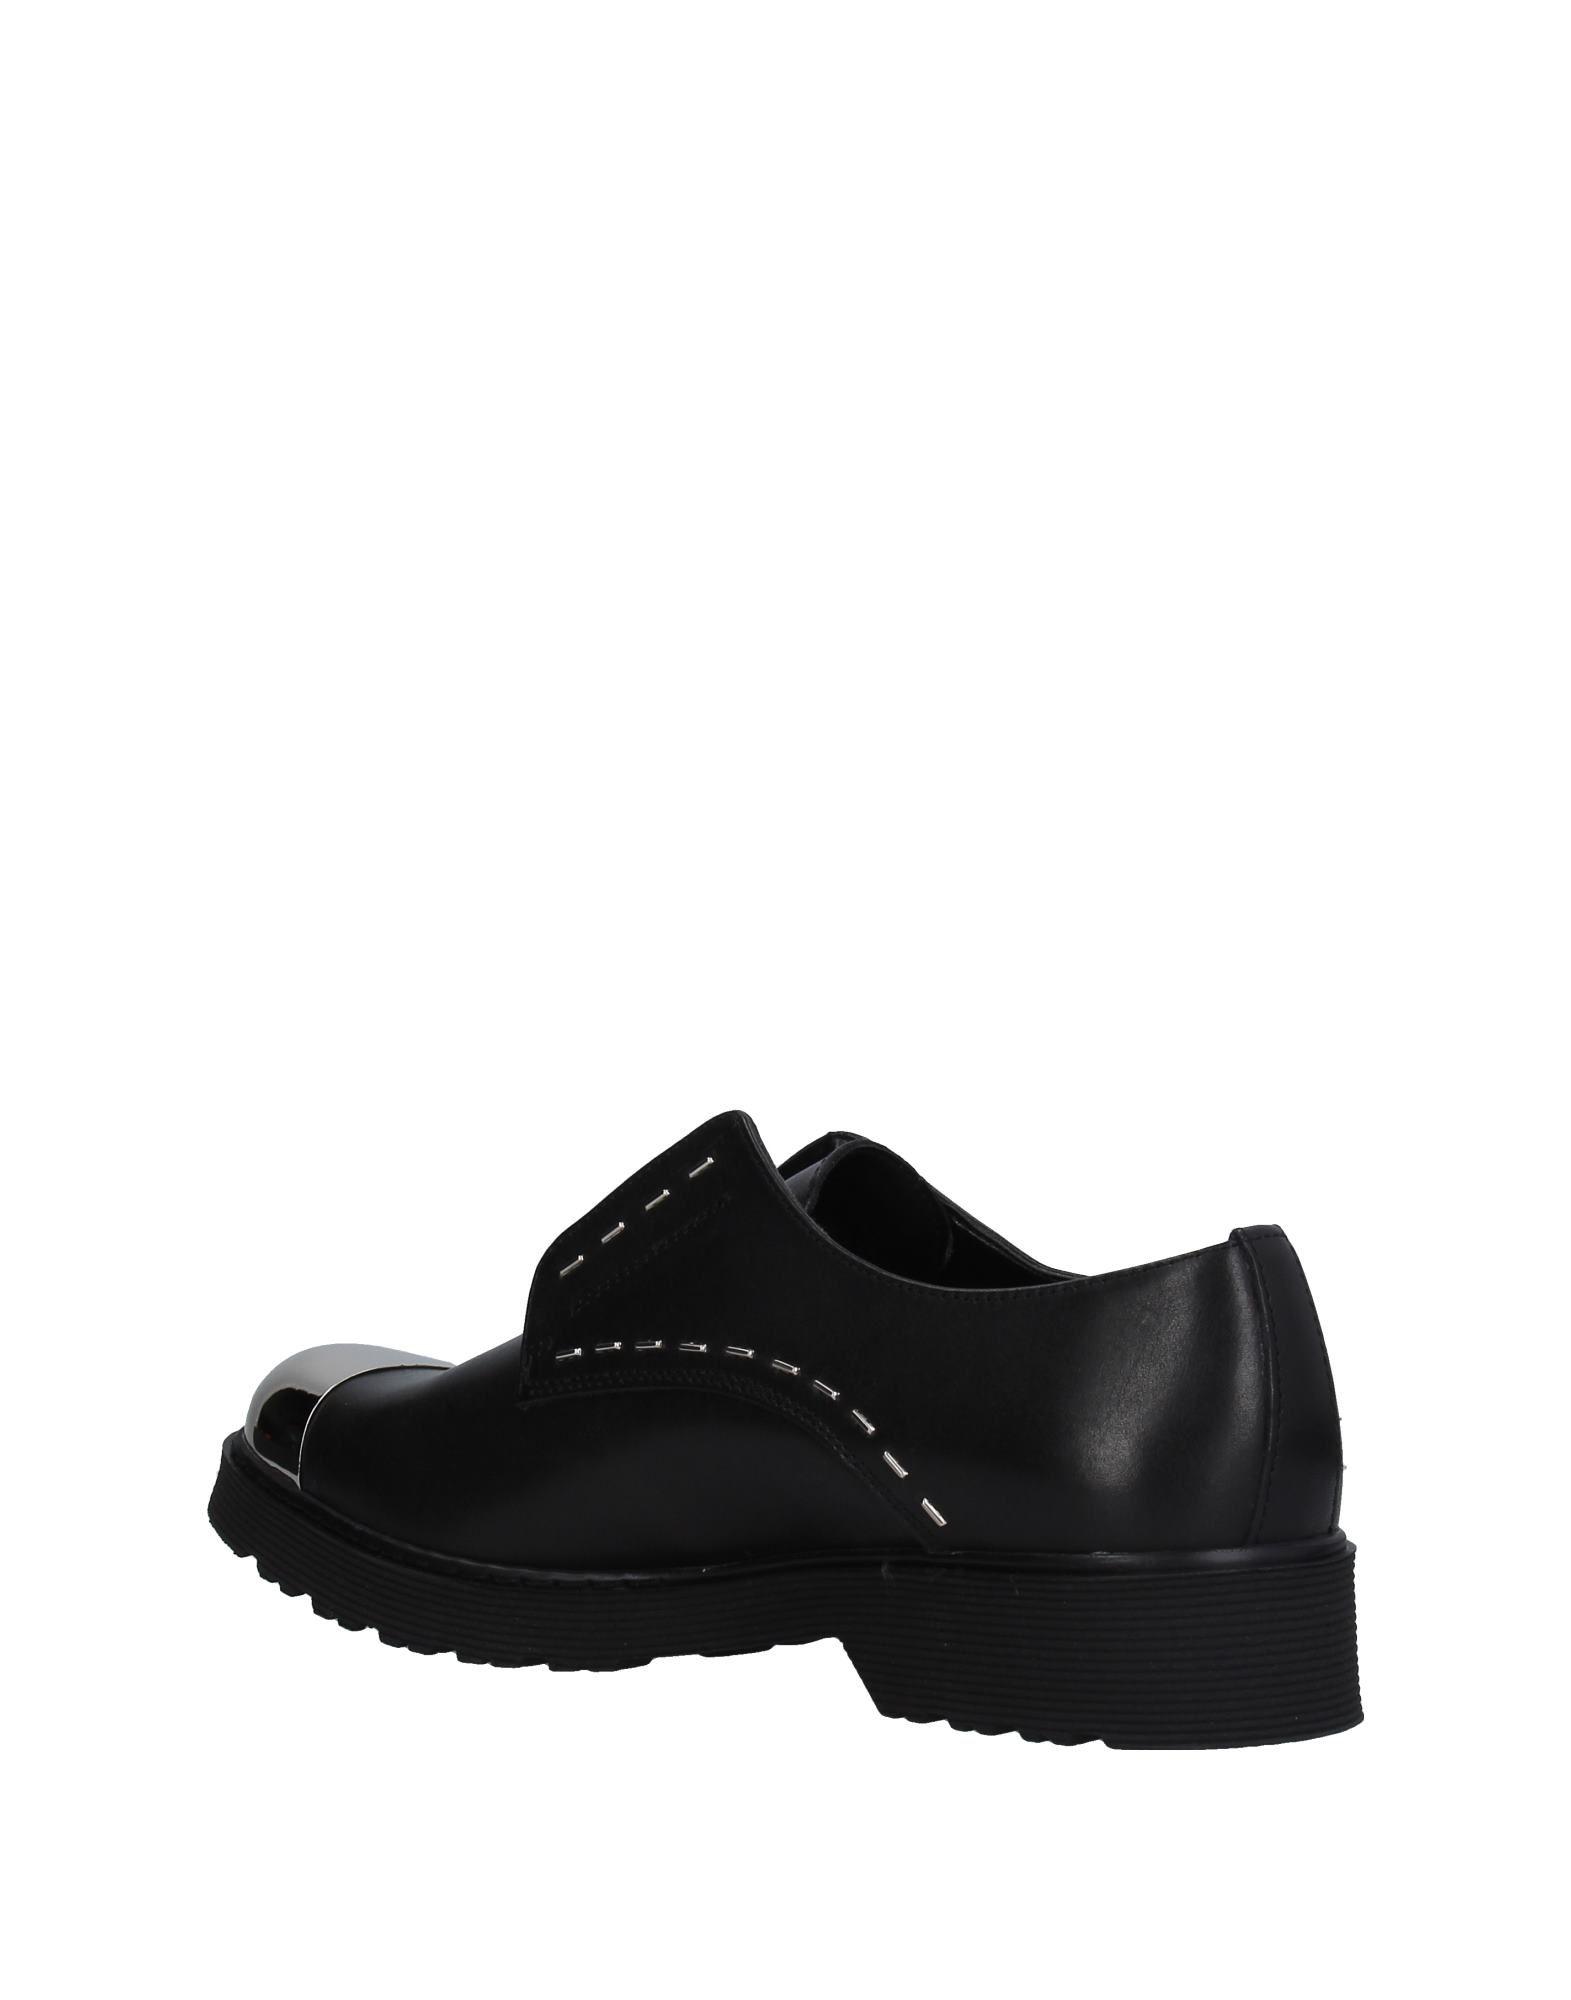 Cult Mokassins Damen  11219140BW Gute Qualität beliebte Schuhe